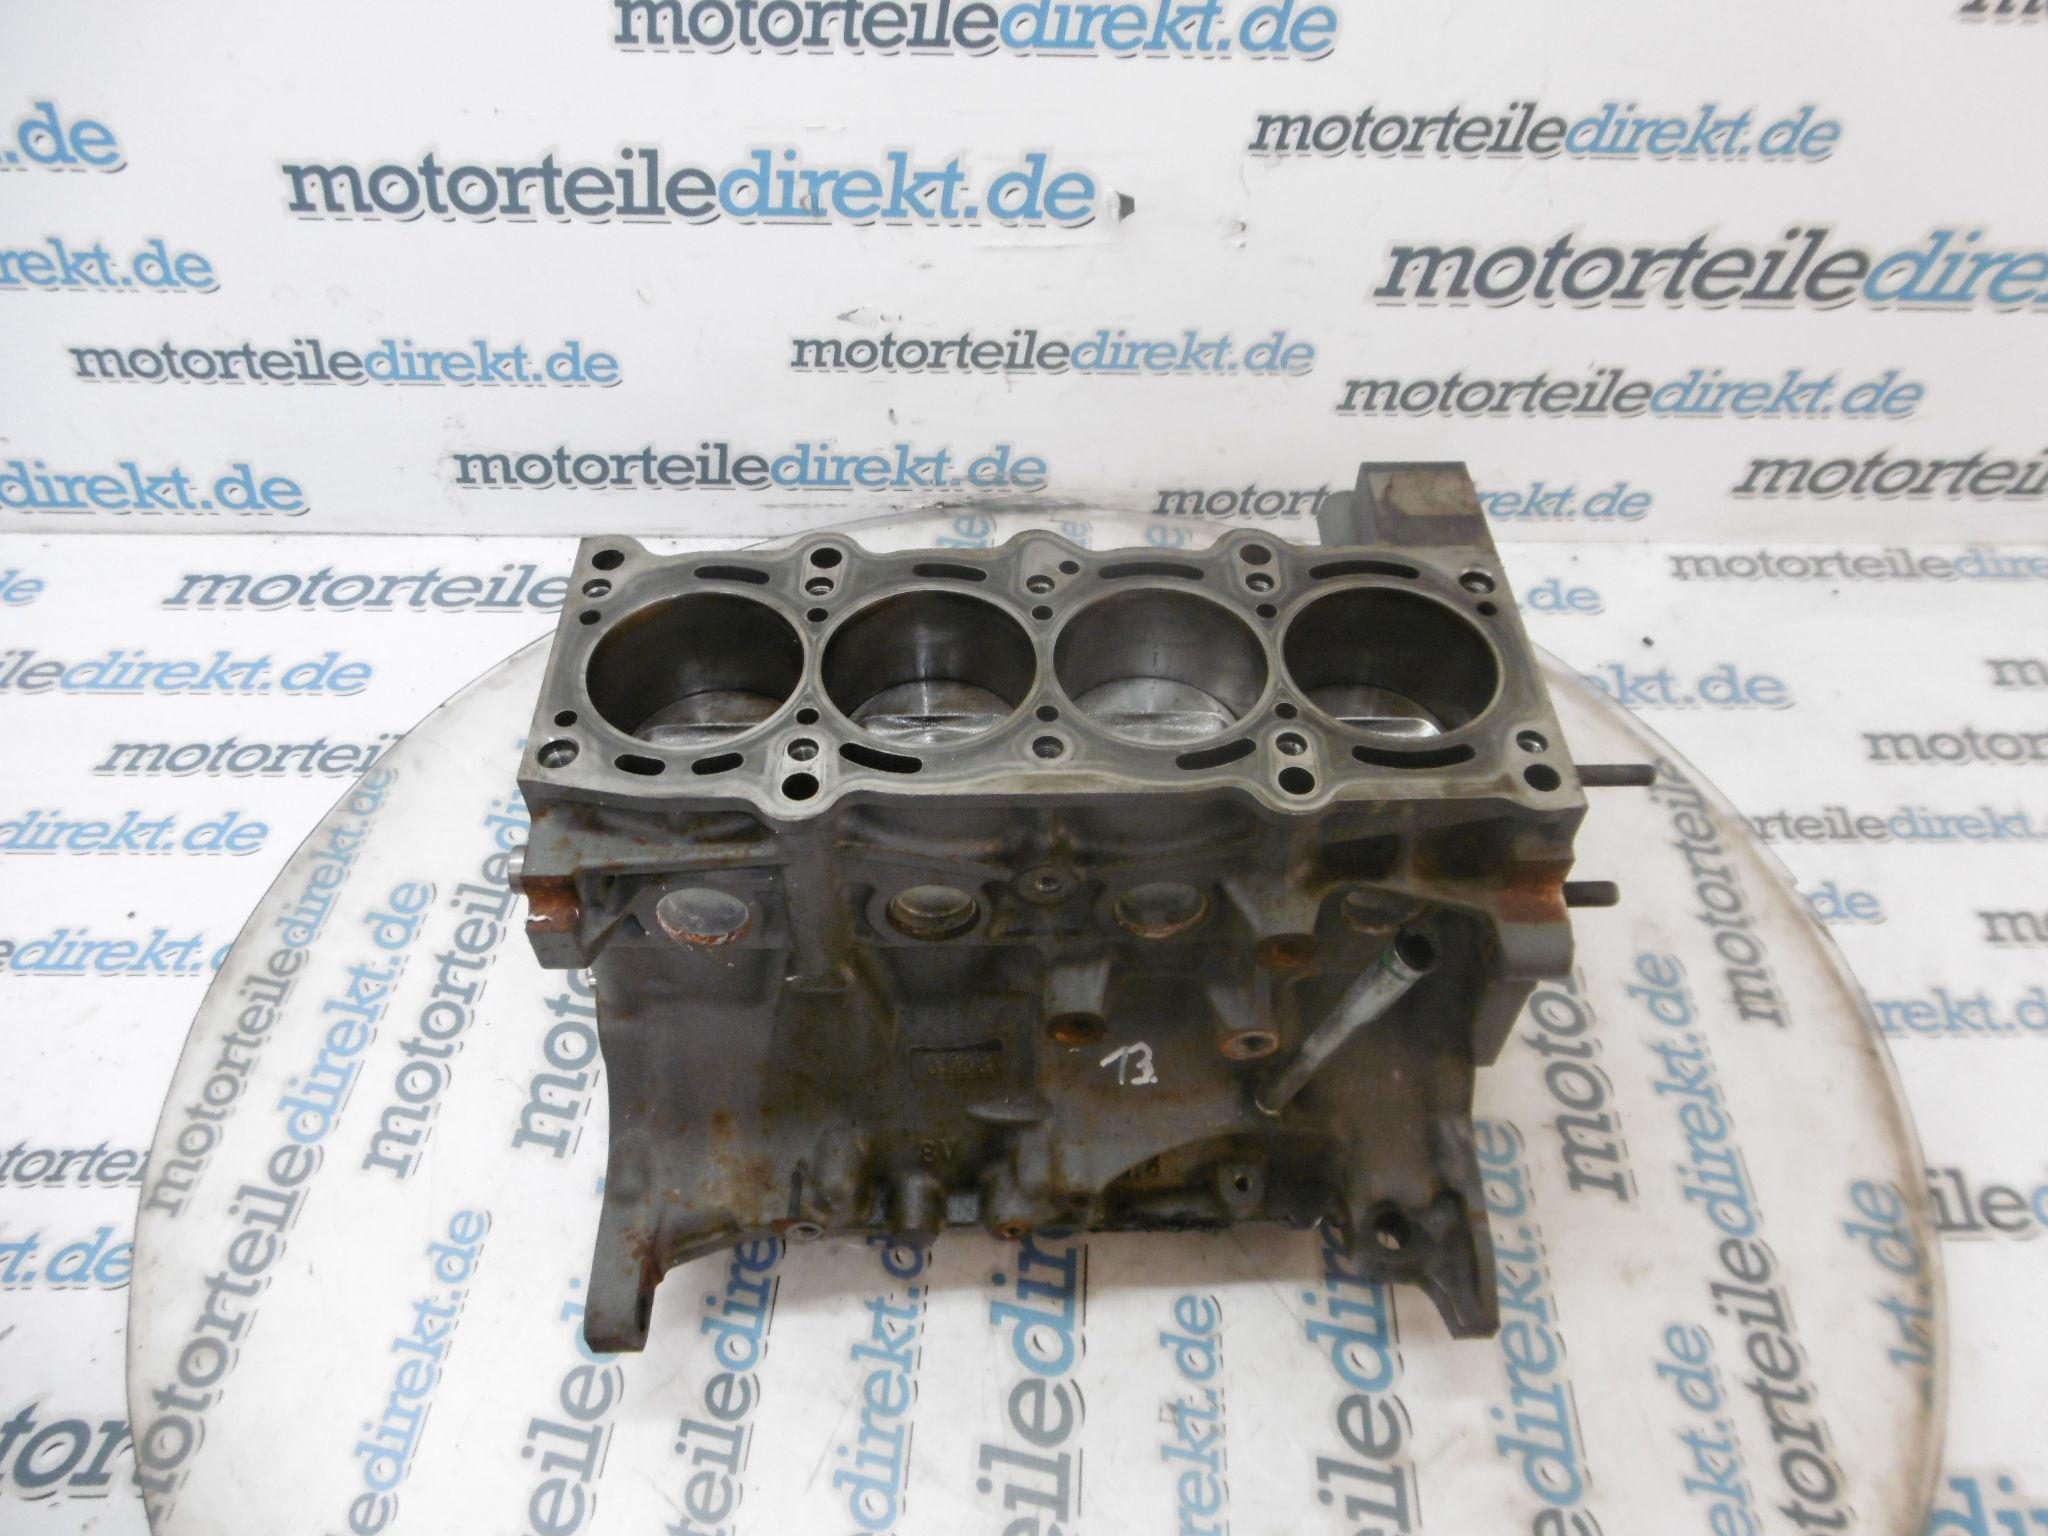 Bloc-moteur Vilebrequin Piston Bielle Fiat Lancia 500 Ypsilon 1,2 169A4000